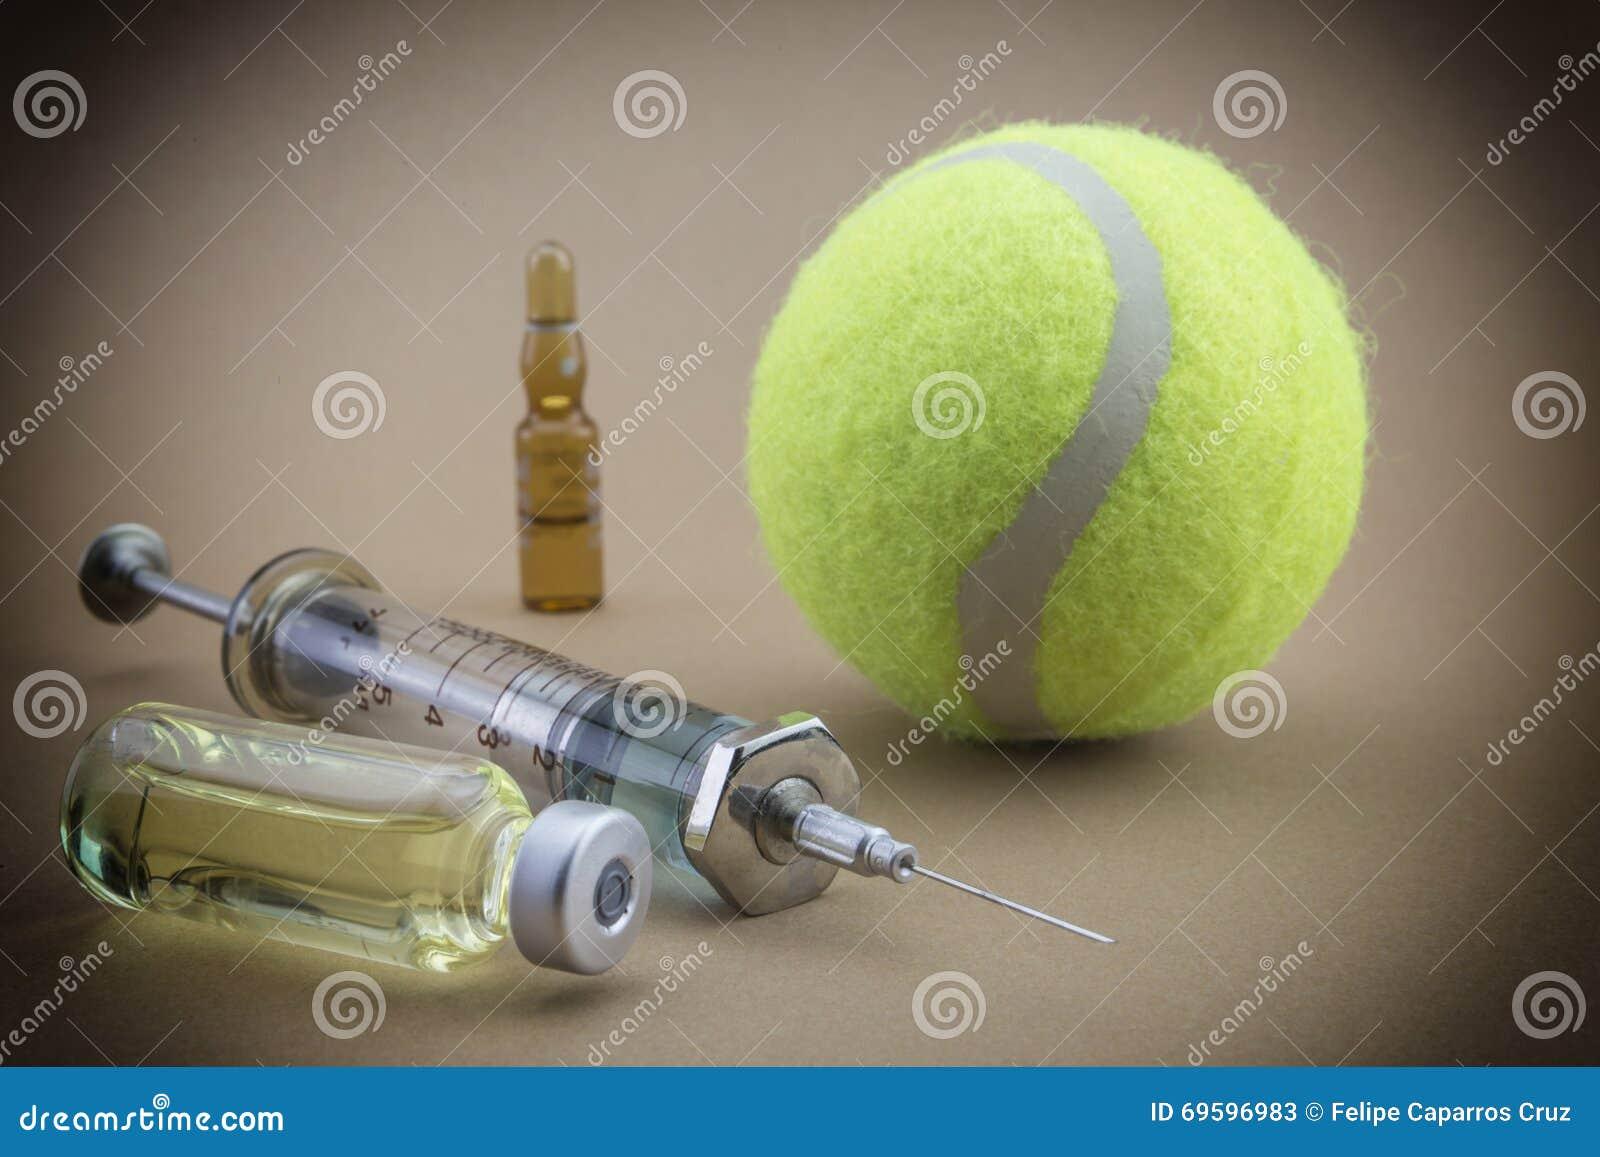 Essais pour la recherche de l urine avec une boule de tennis